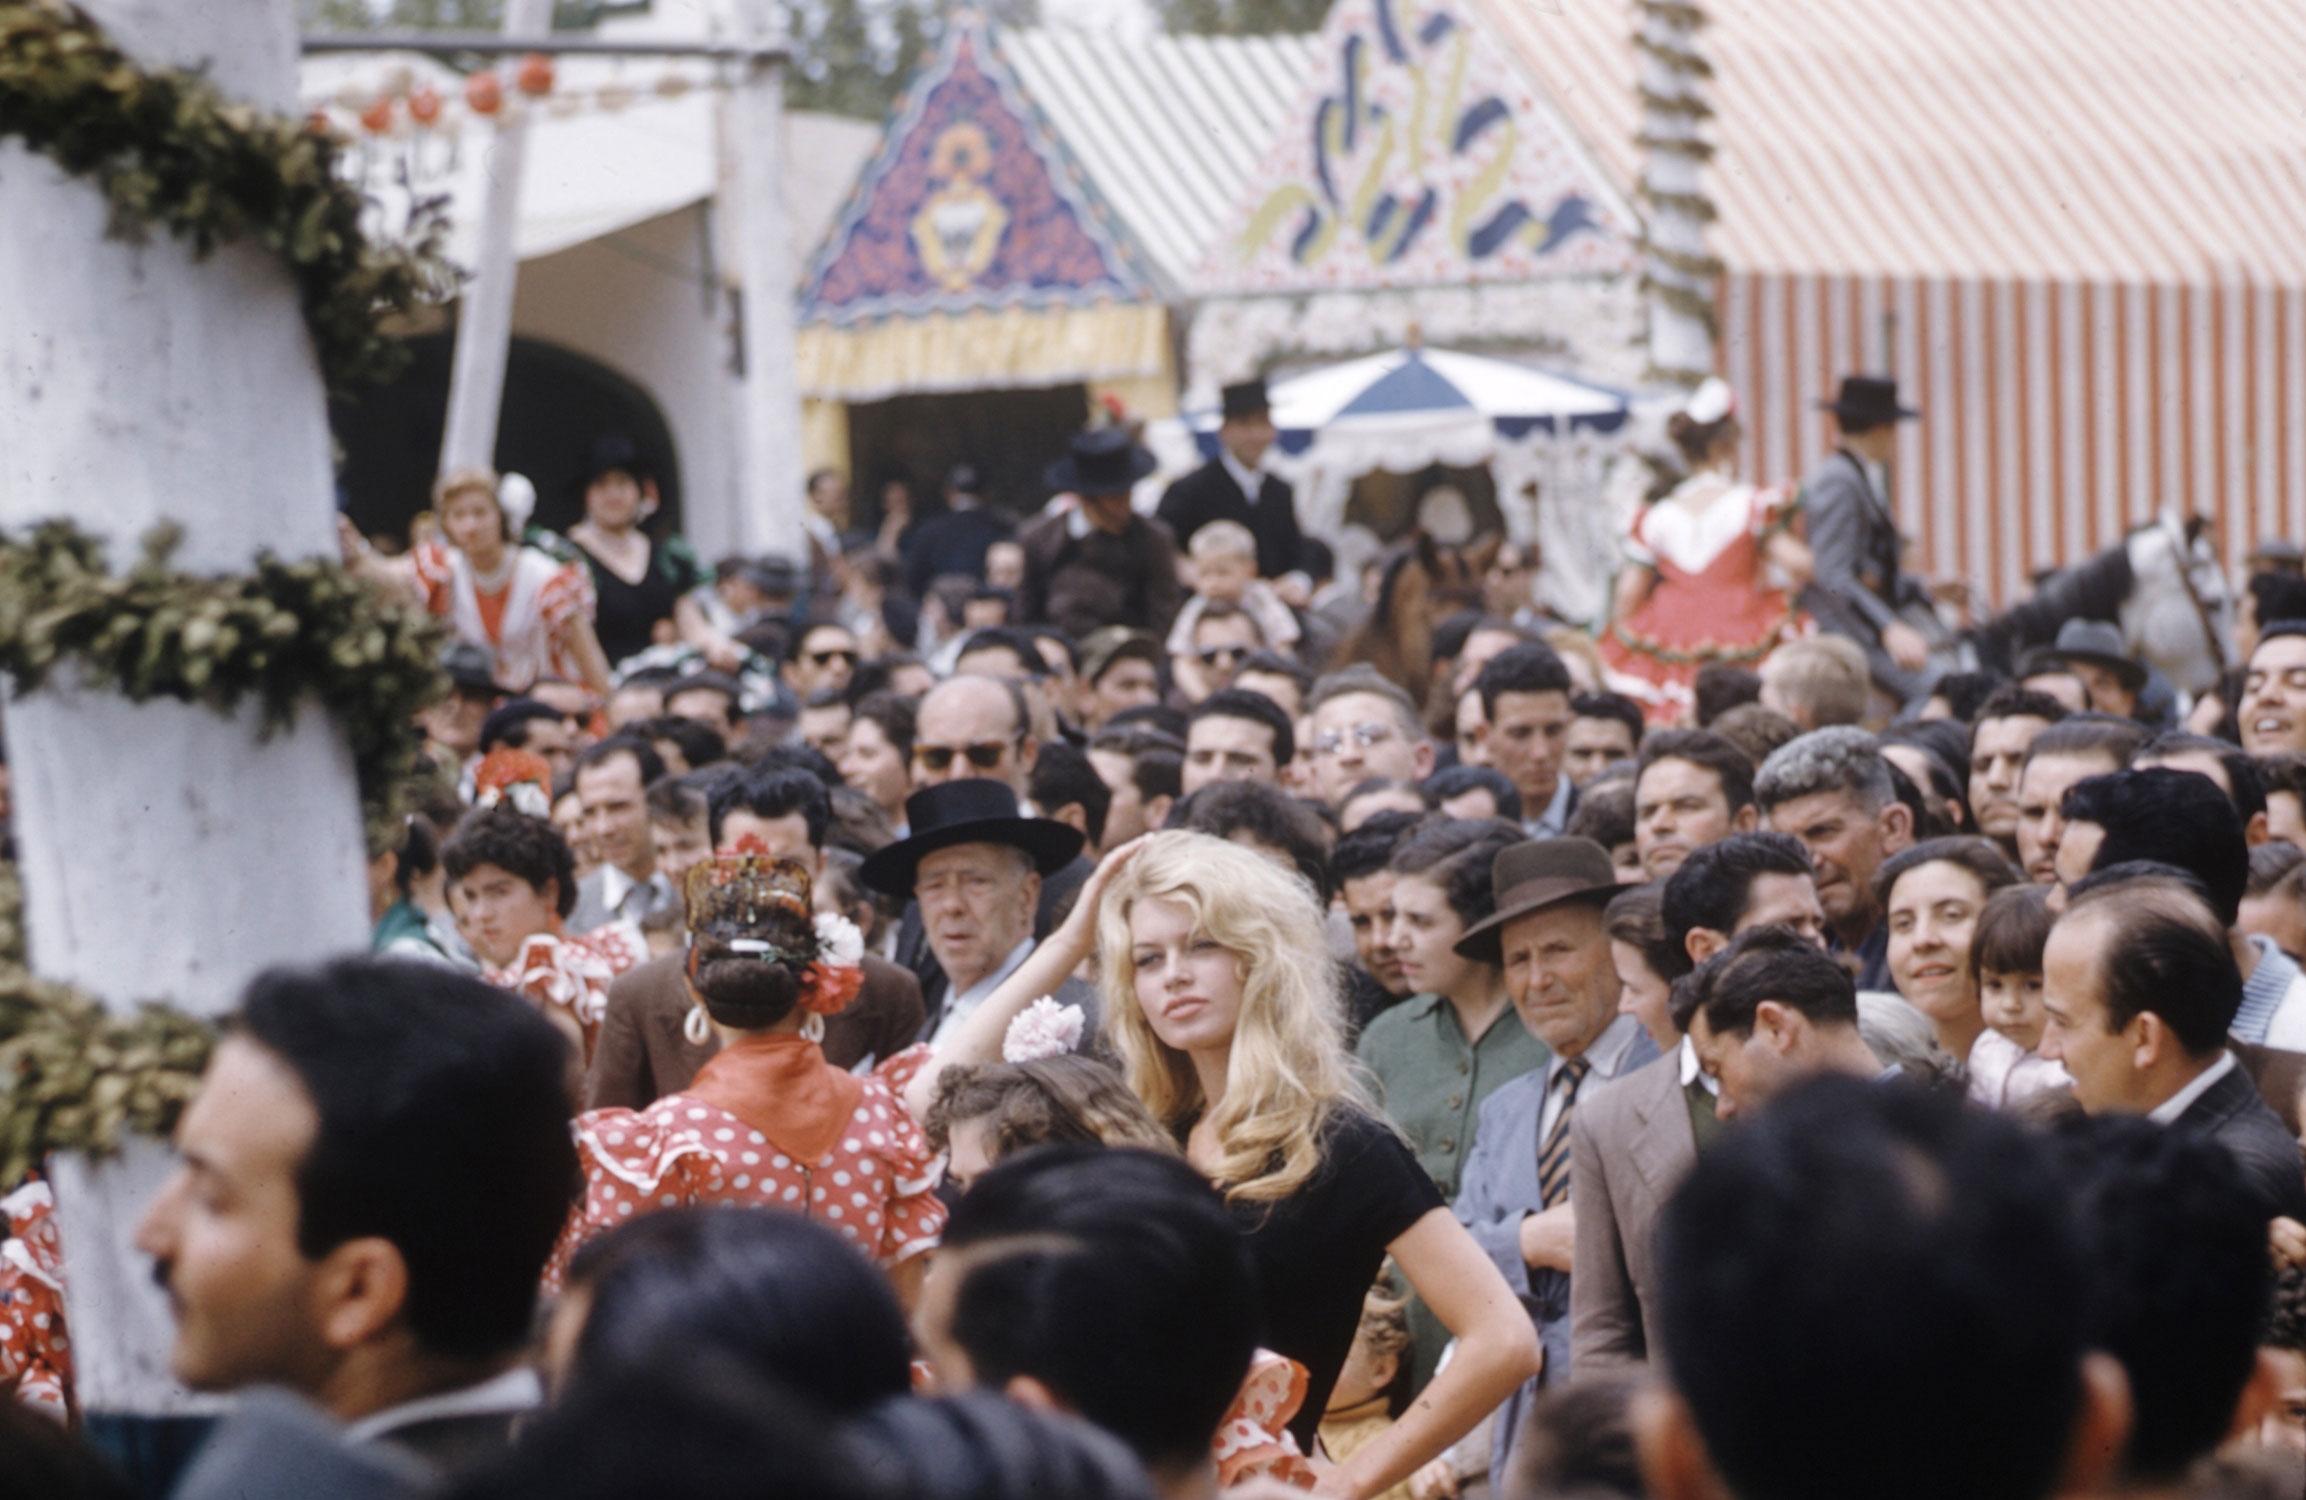 Brigitte Bardot on location in Spain in 1958.